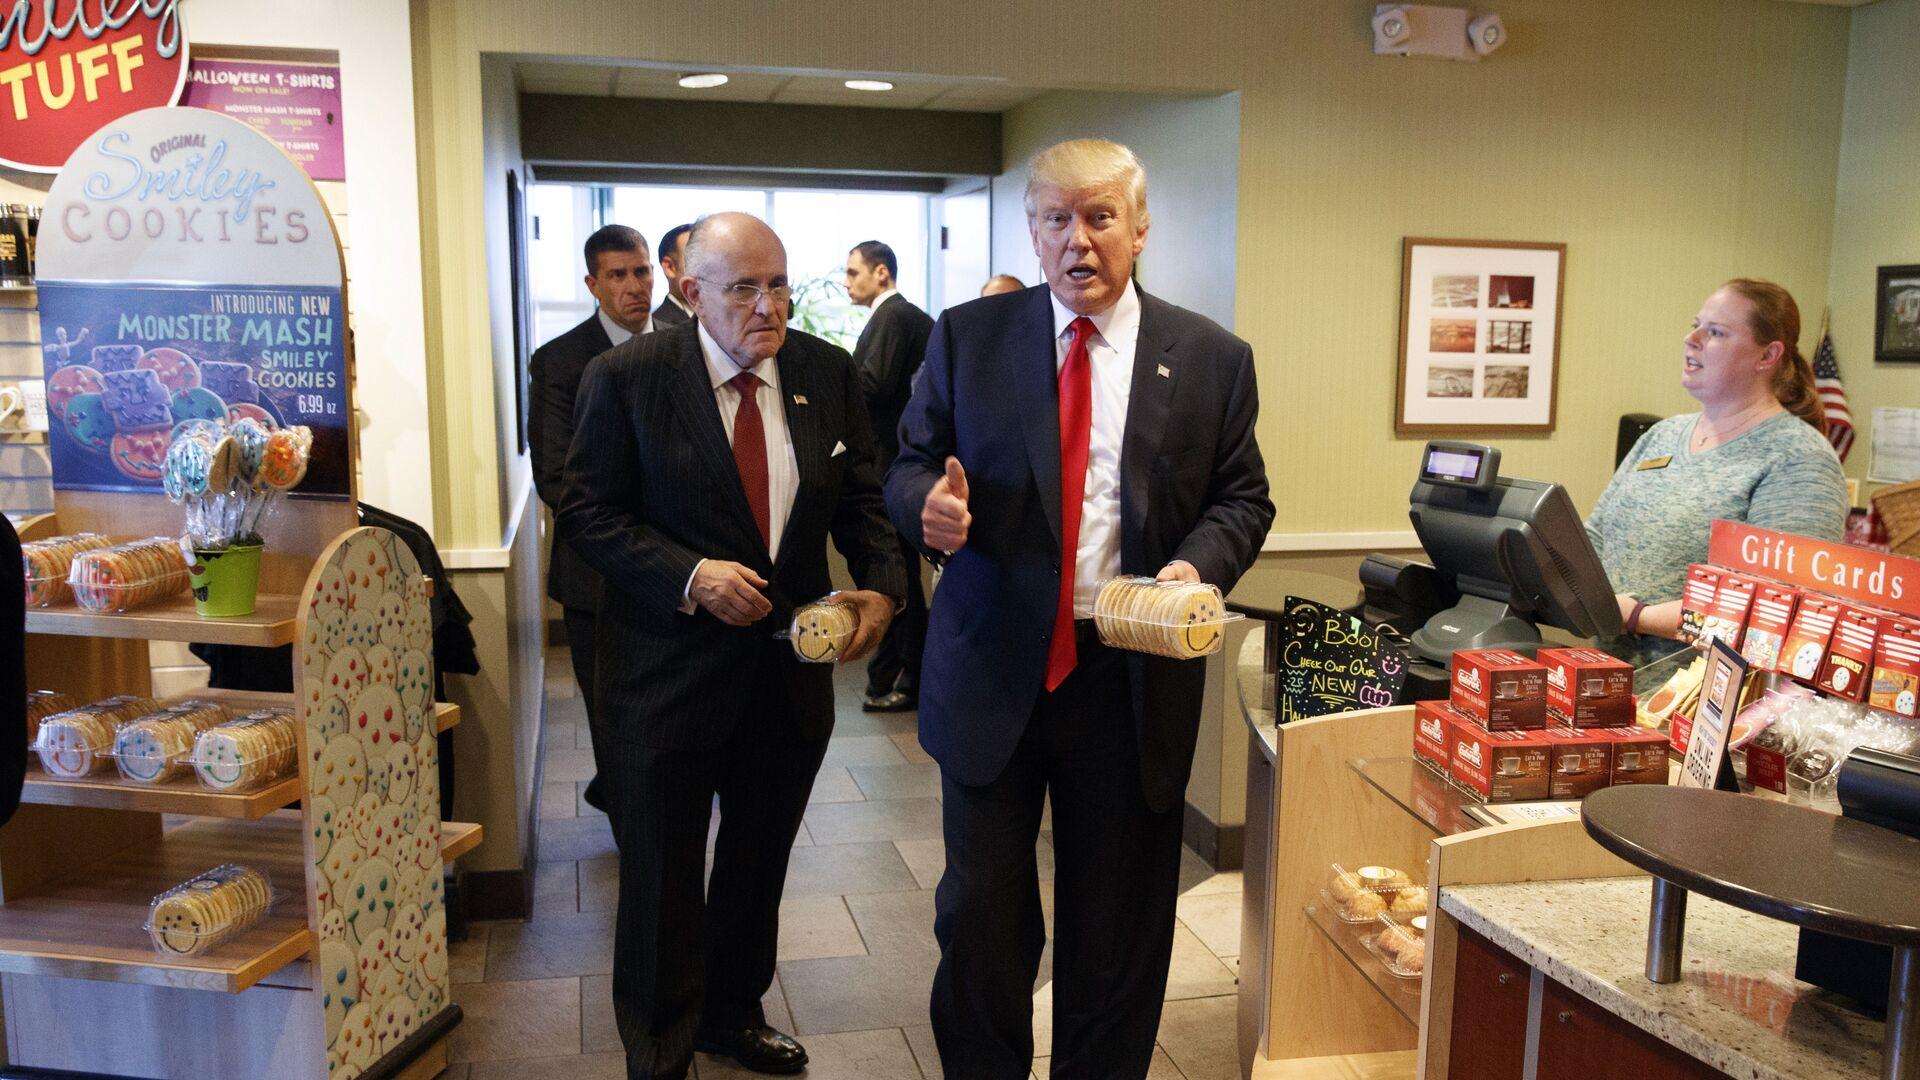 Рудольф Джулиани и Дональд Трамп в продуктовом магазине. 10 октября 2016 года  - РИА Новости, 1920, 19.11.2020